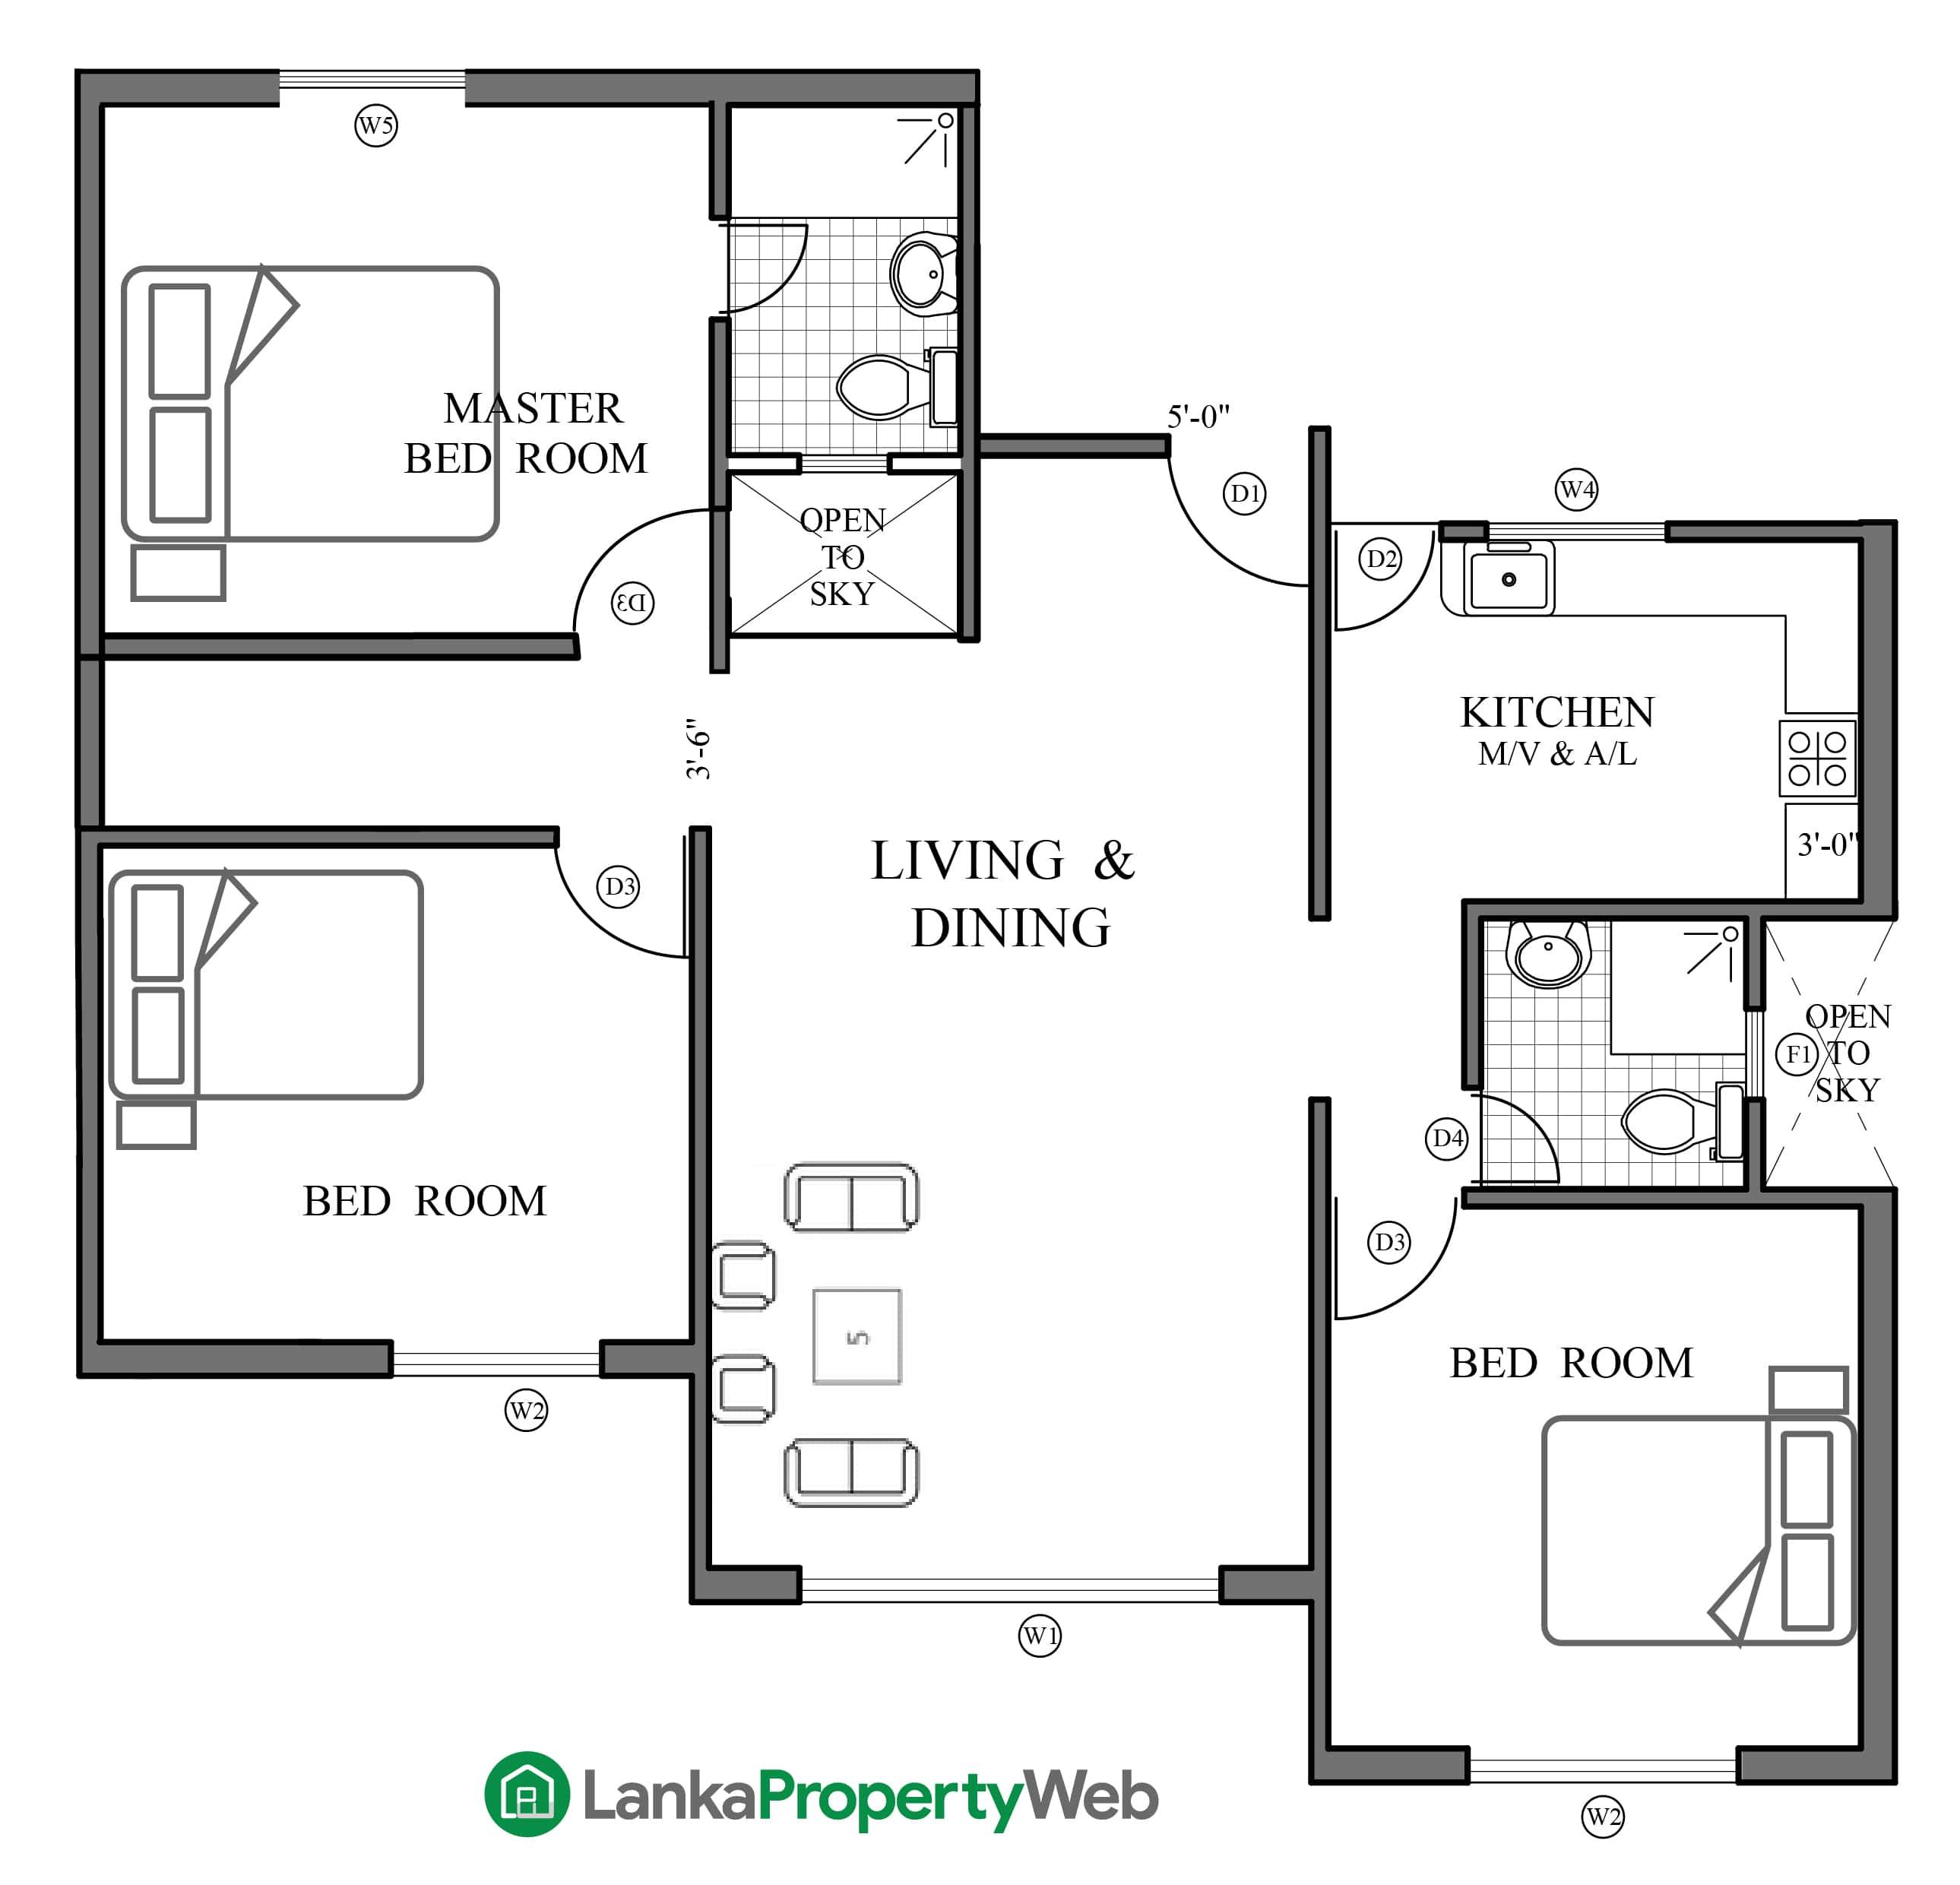 A single house plan